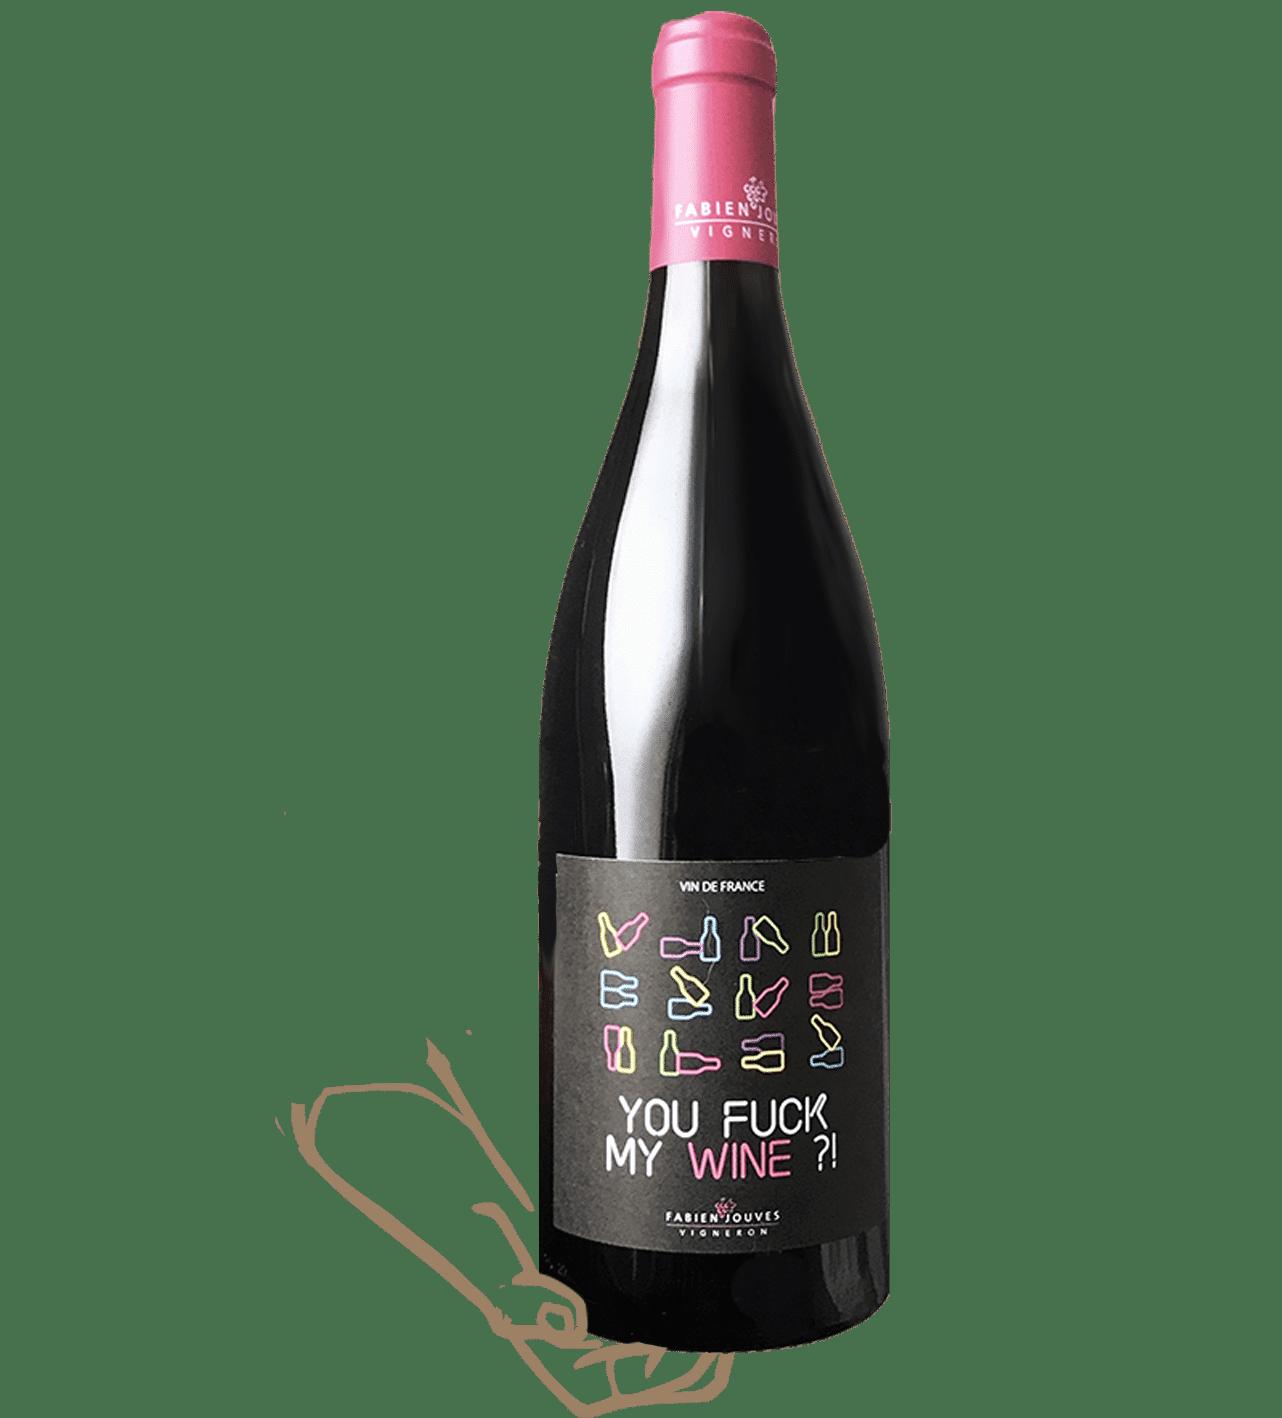 you fuck my wine est un vin rouge naturel sans sulfite ajouté réalisé par fabien jouves du mas del périé